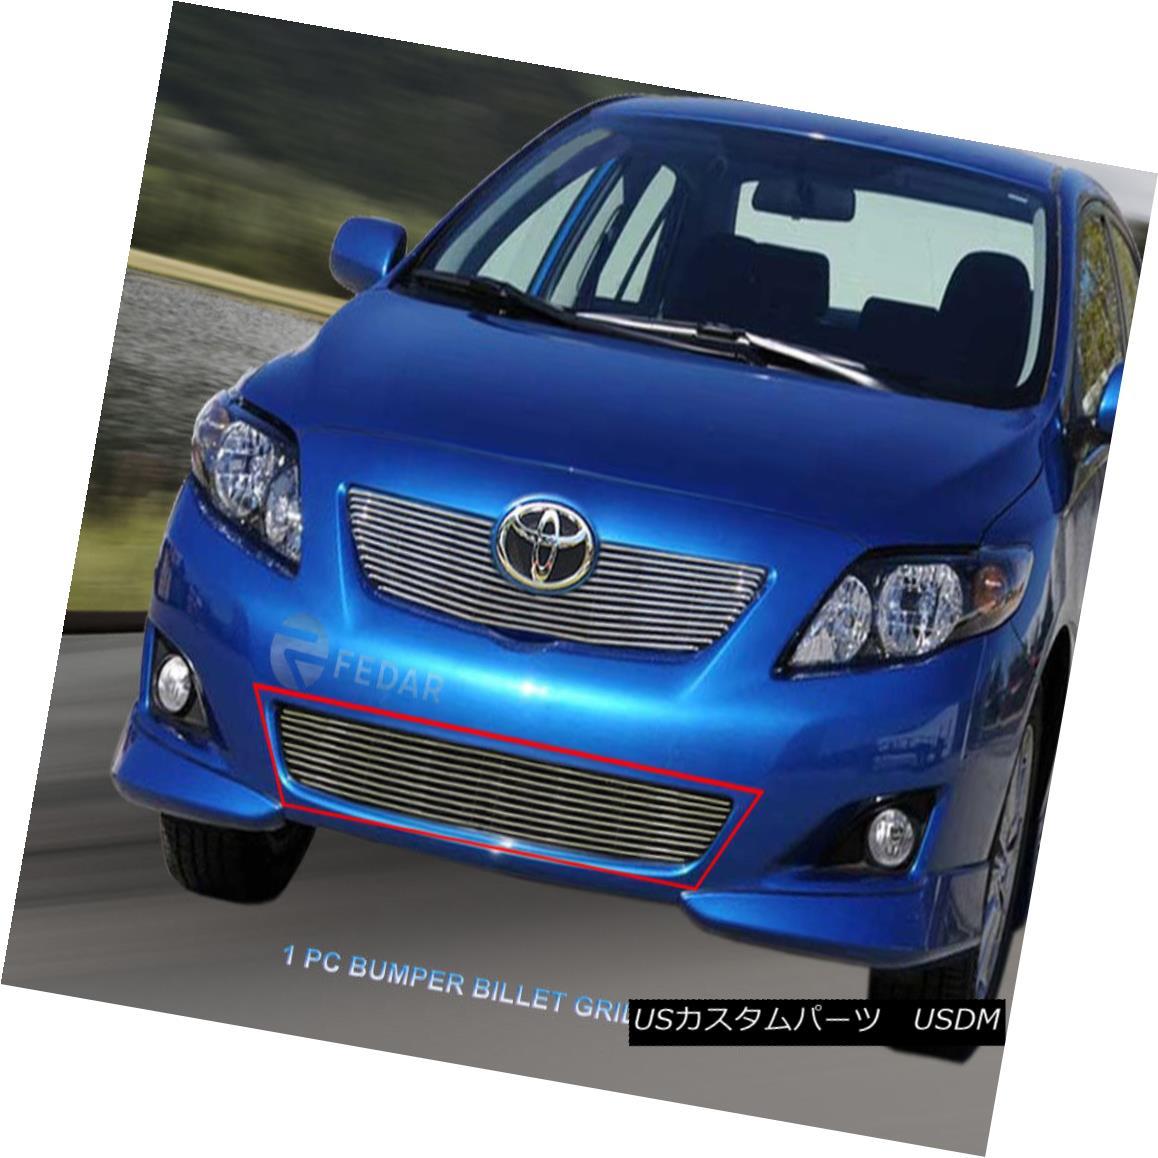 グリル 09-10 Toyota Corolla Billet Grille Grill Bumper Insert Fedar 09-10トヨタカローラビレットグリルグリルバンパーインサートフェルダ